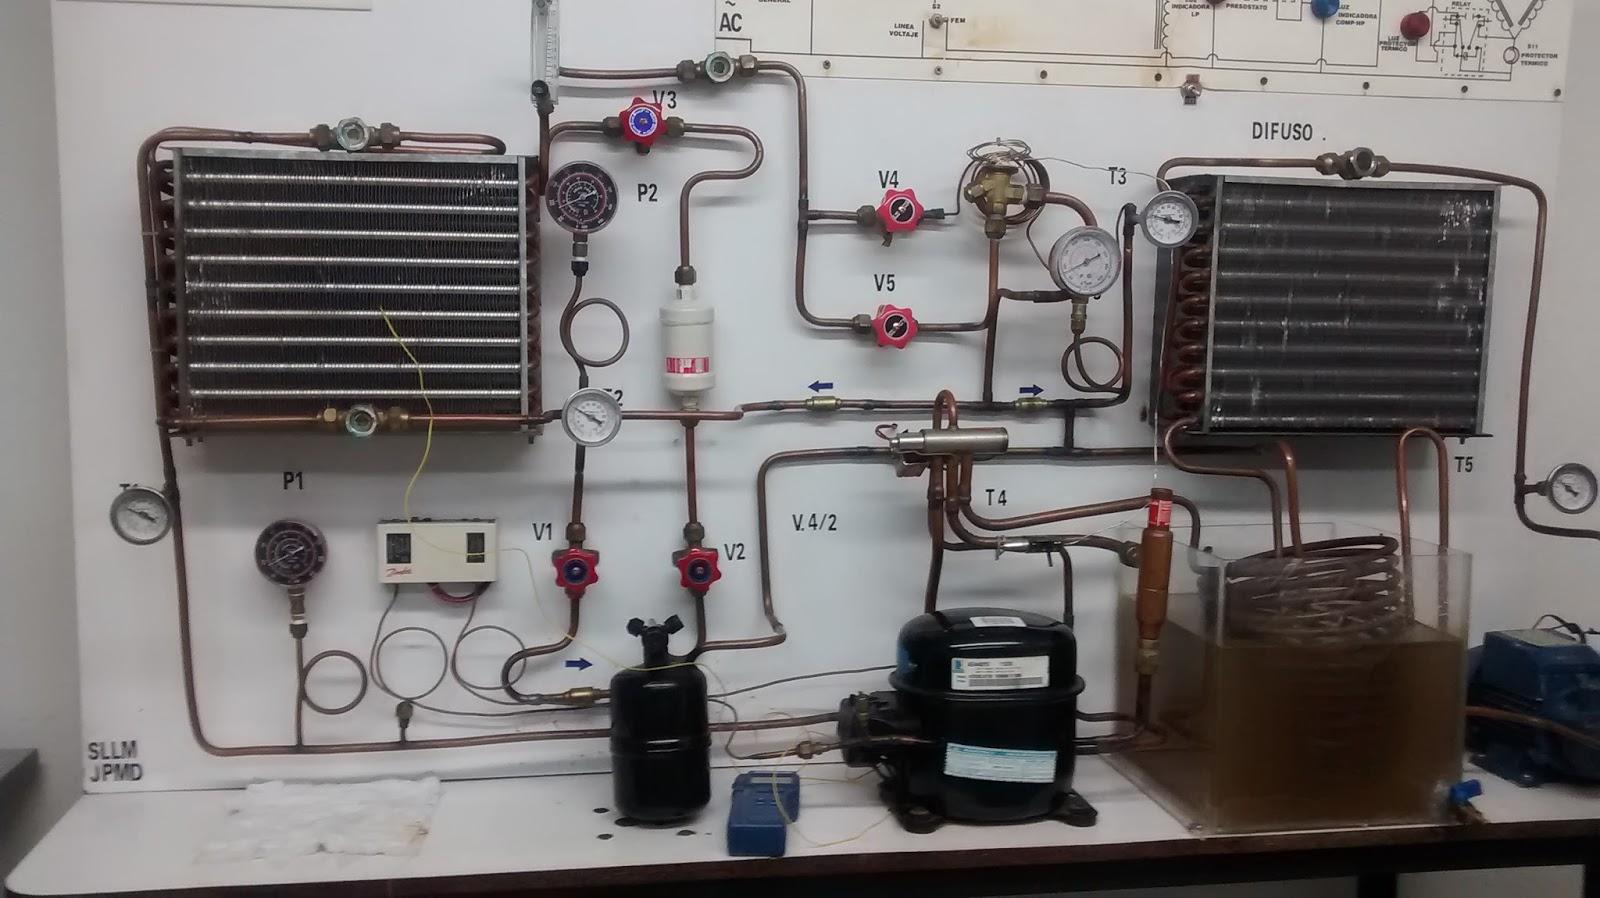 Refrigeraci n y aire acondicionado for Temperatura ideal aire acondicionado invierno